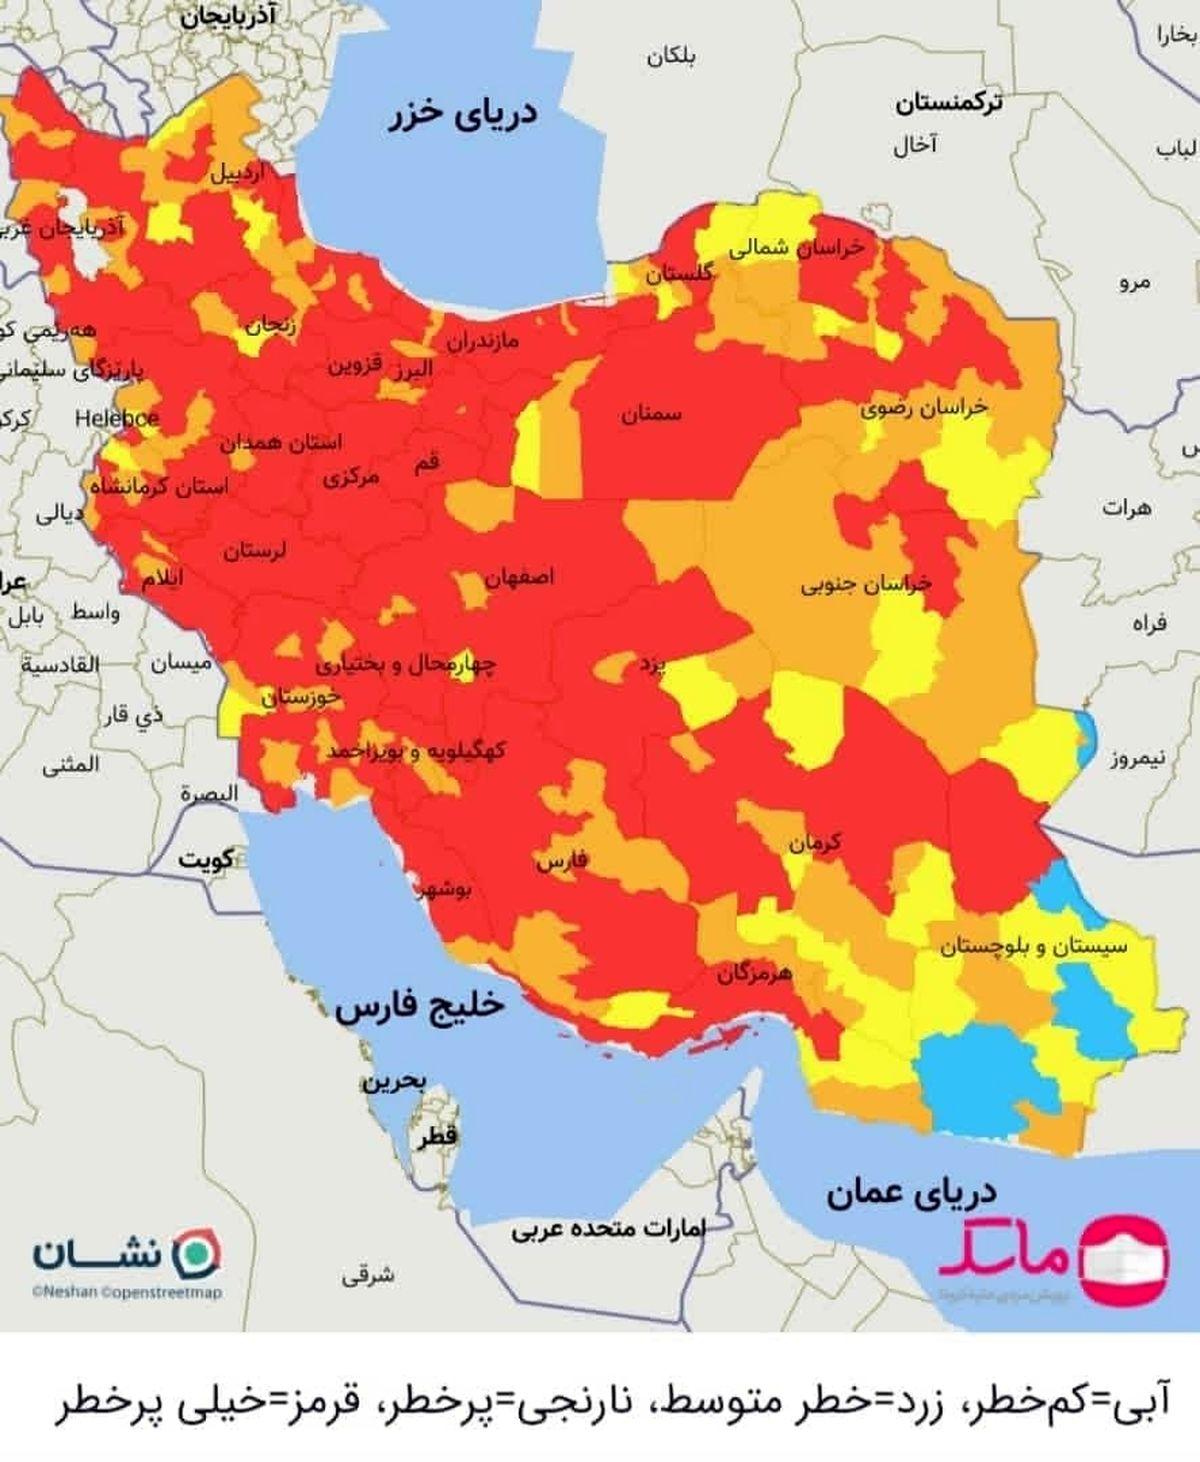 ۱۹ شهرستان اصفهان در وضعیت قرمز کرونایی